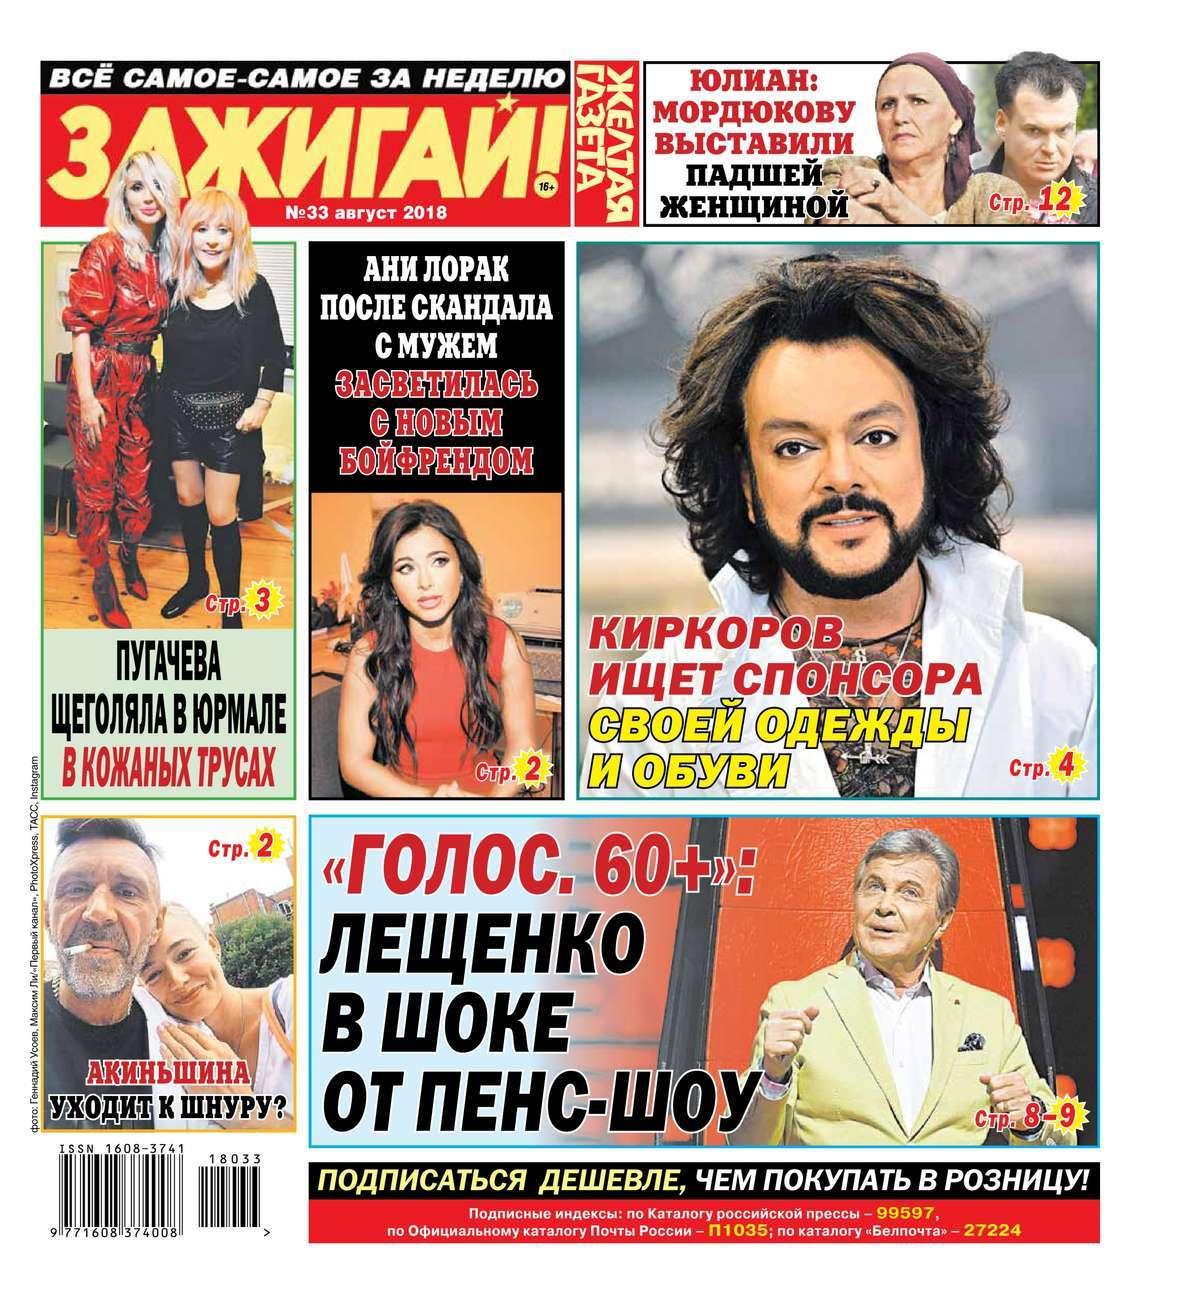 Желтая Газета. Зажигай! 33-2018